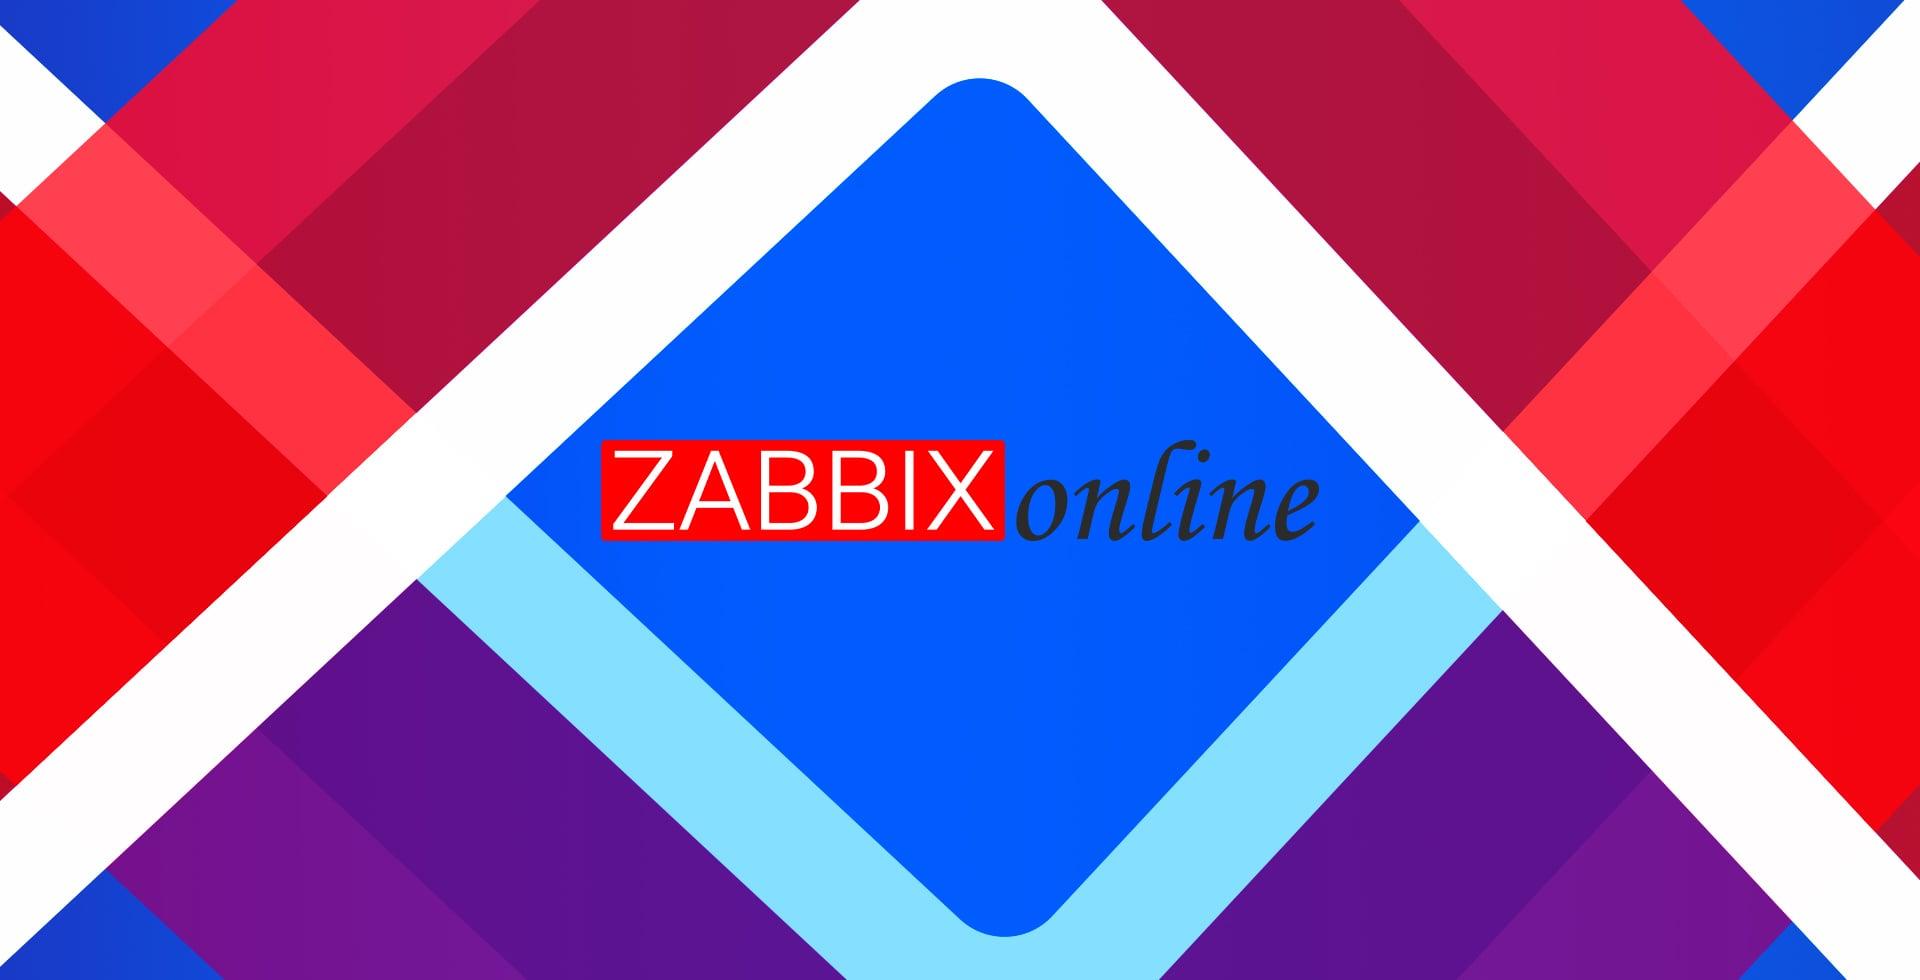 زبیکس آنلاین چیست؟